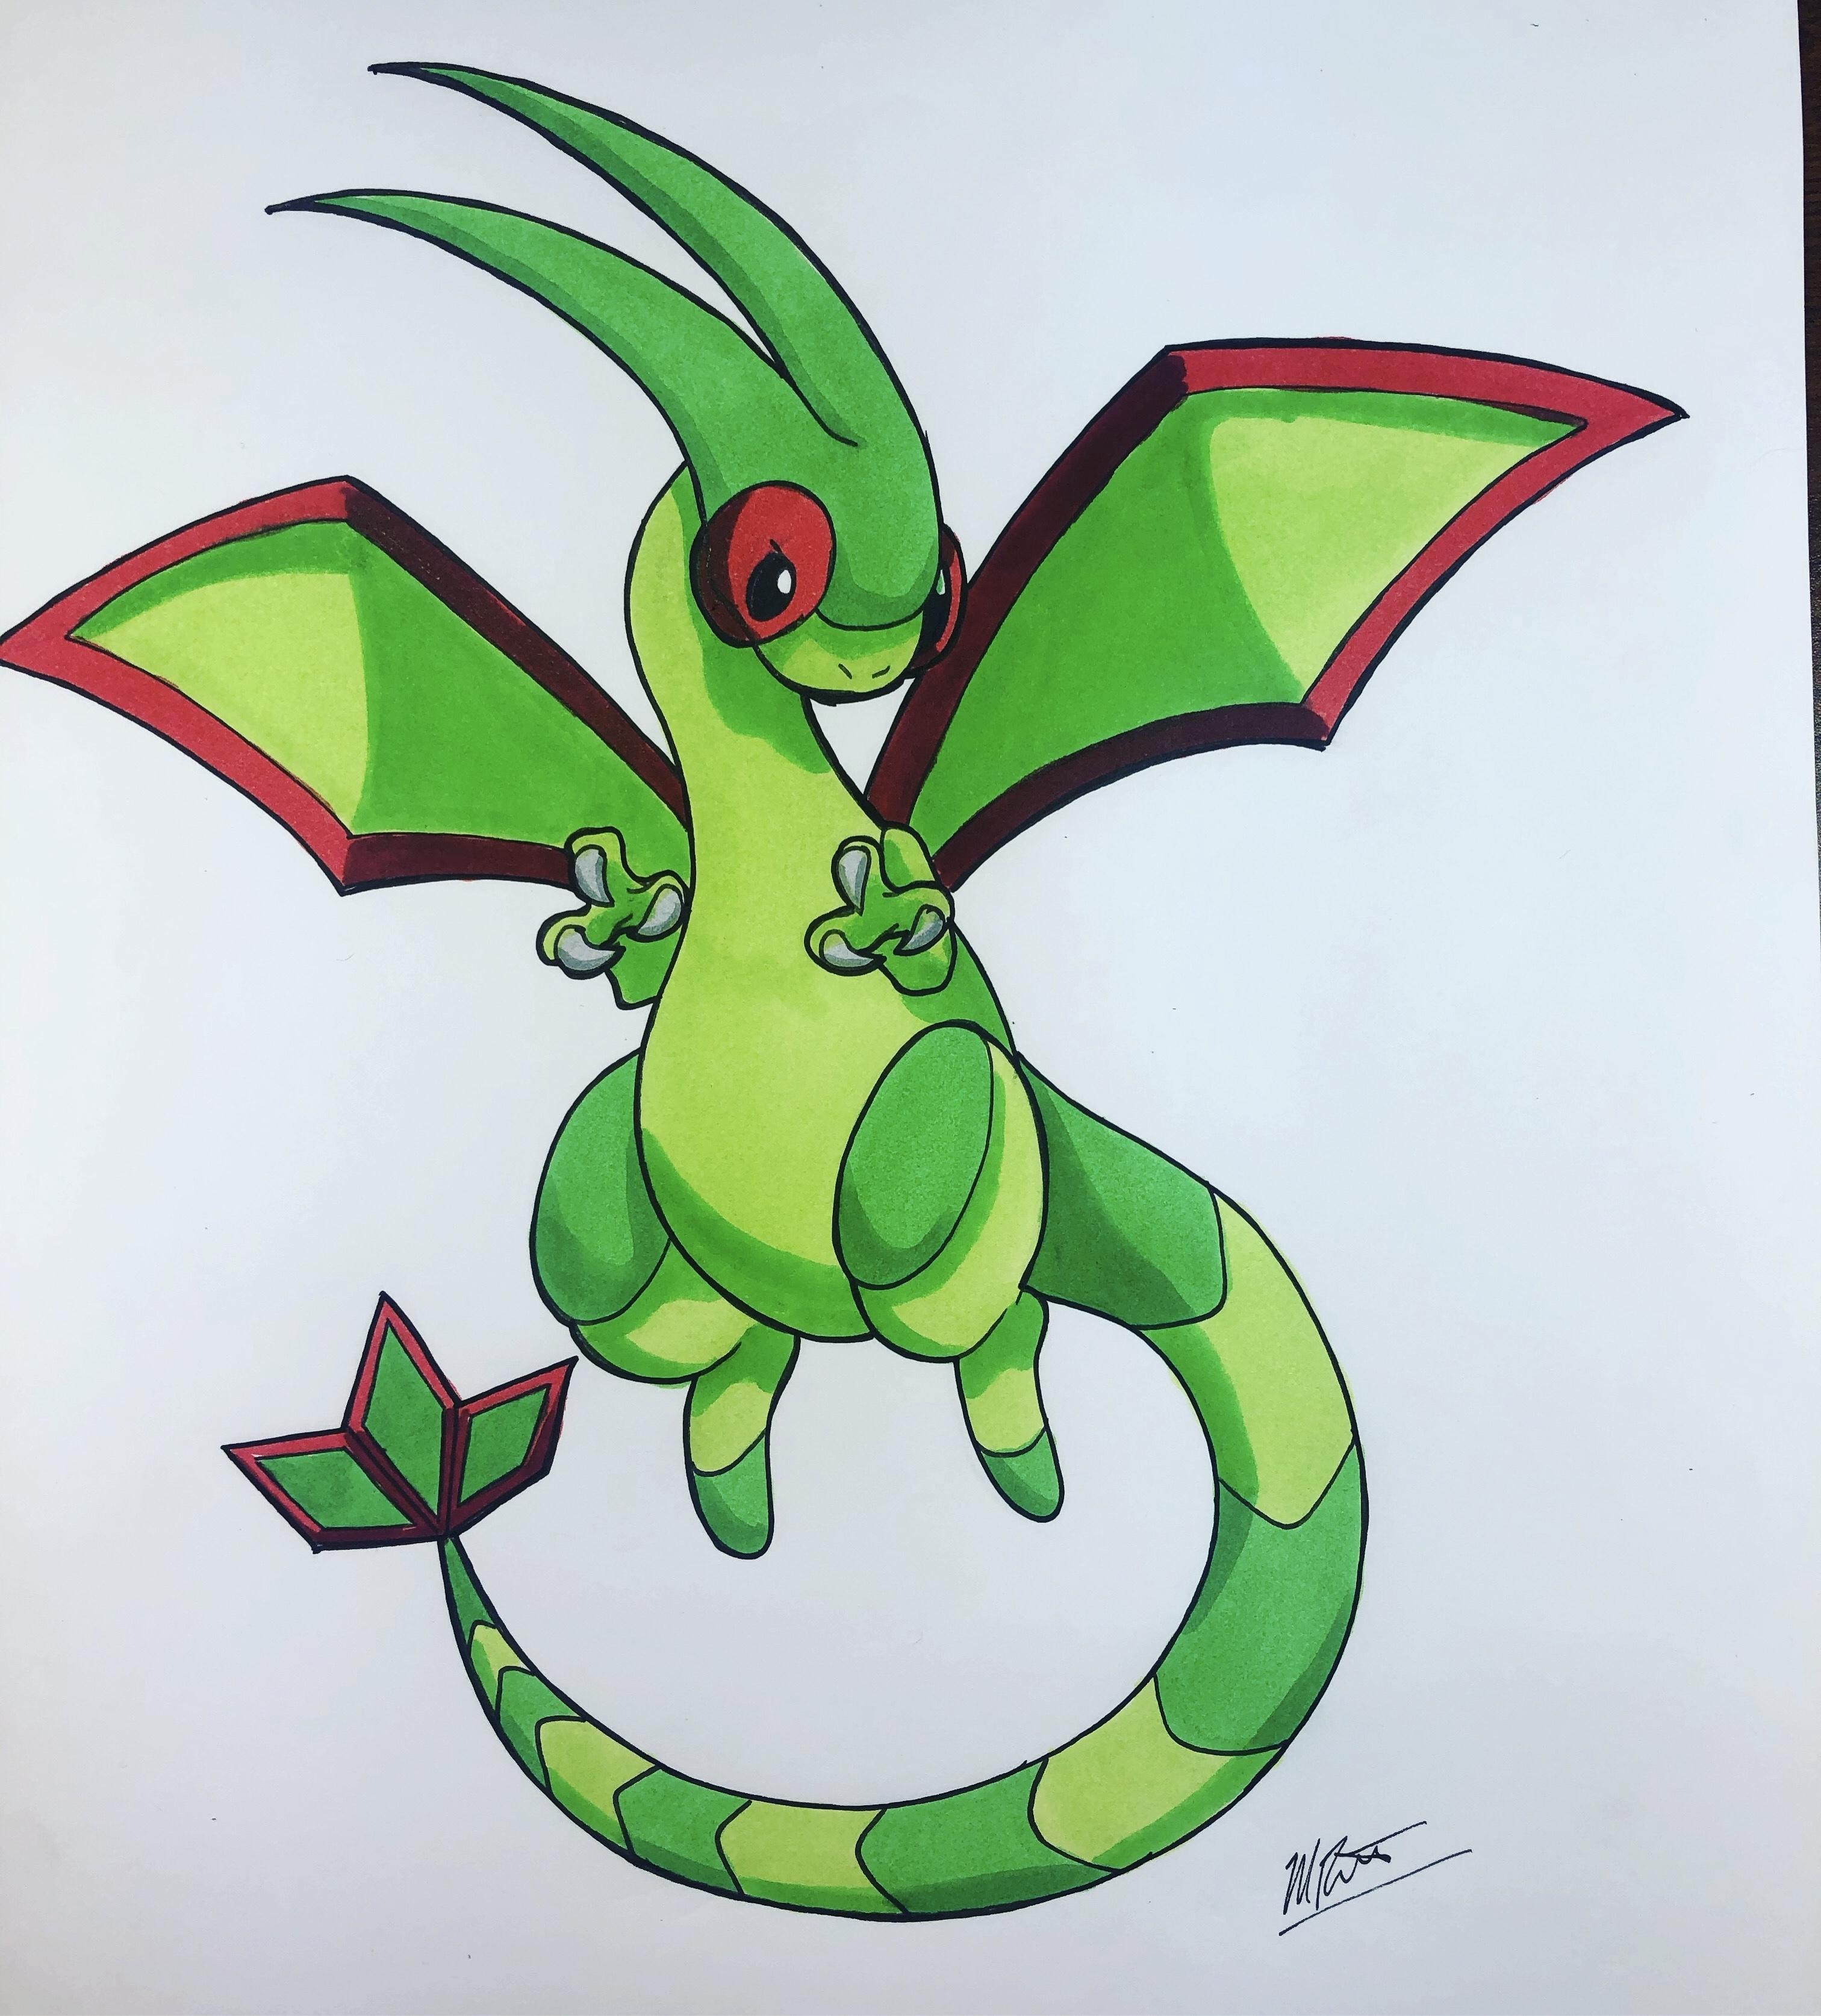 Flygon the dragon type Pokémon